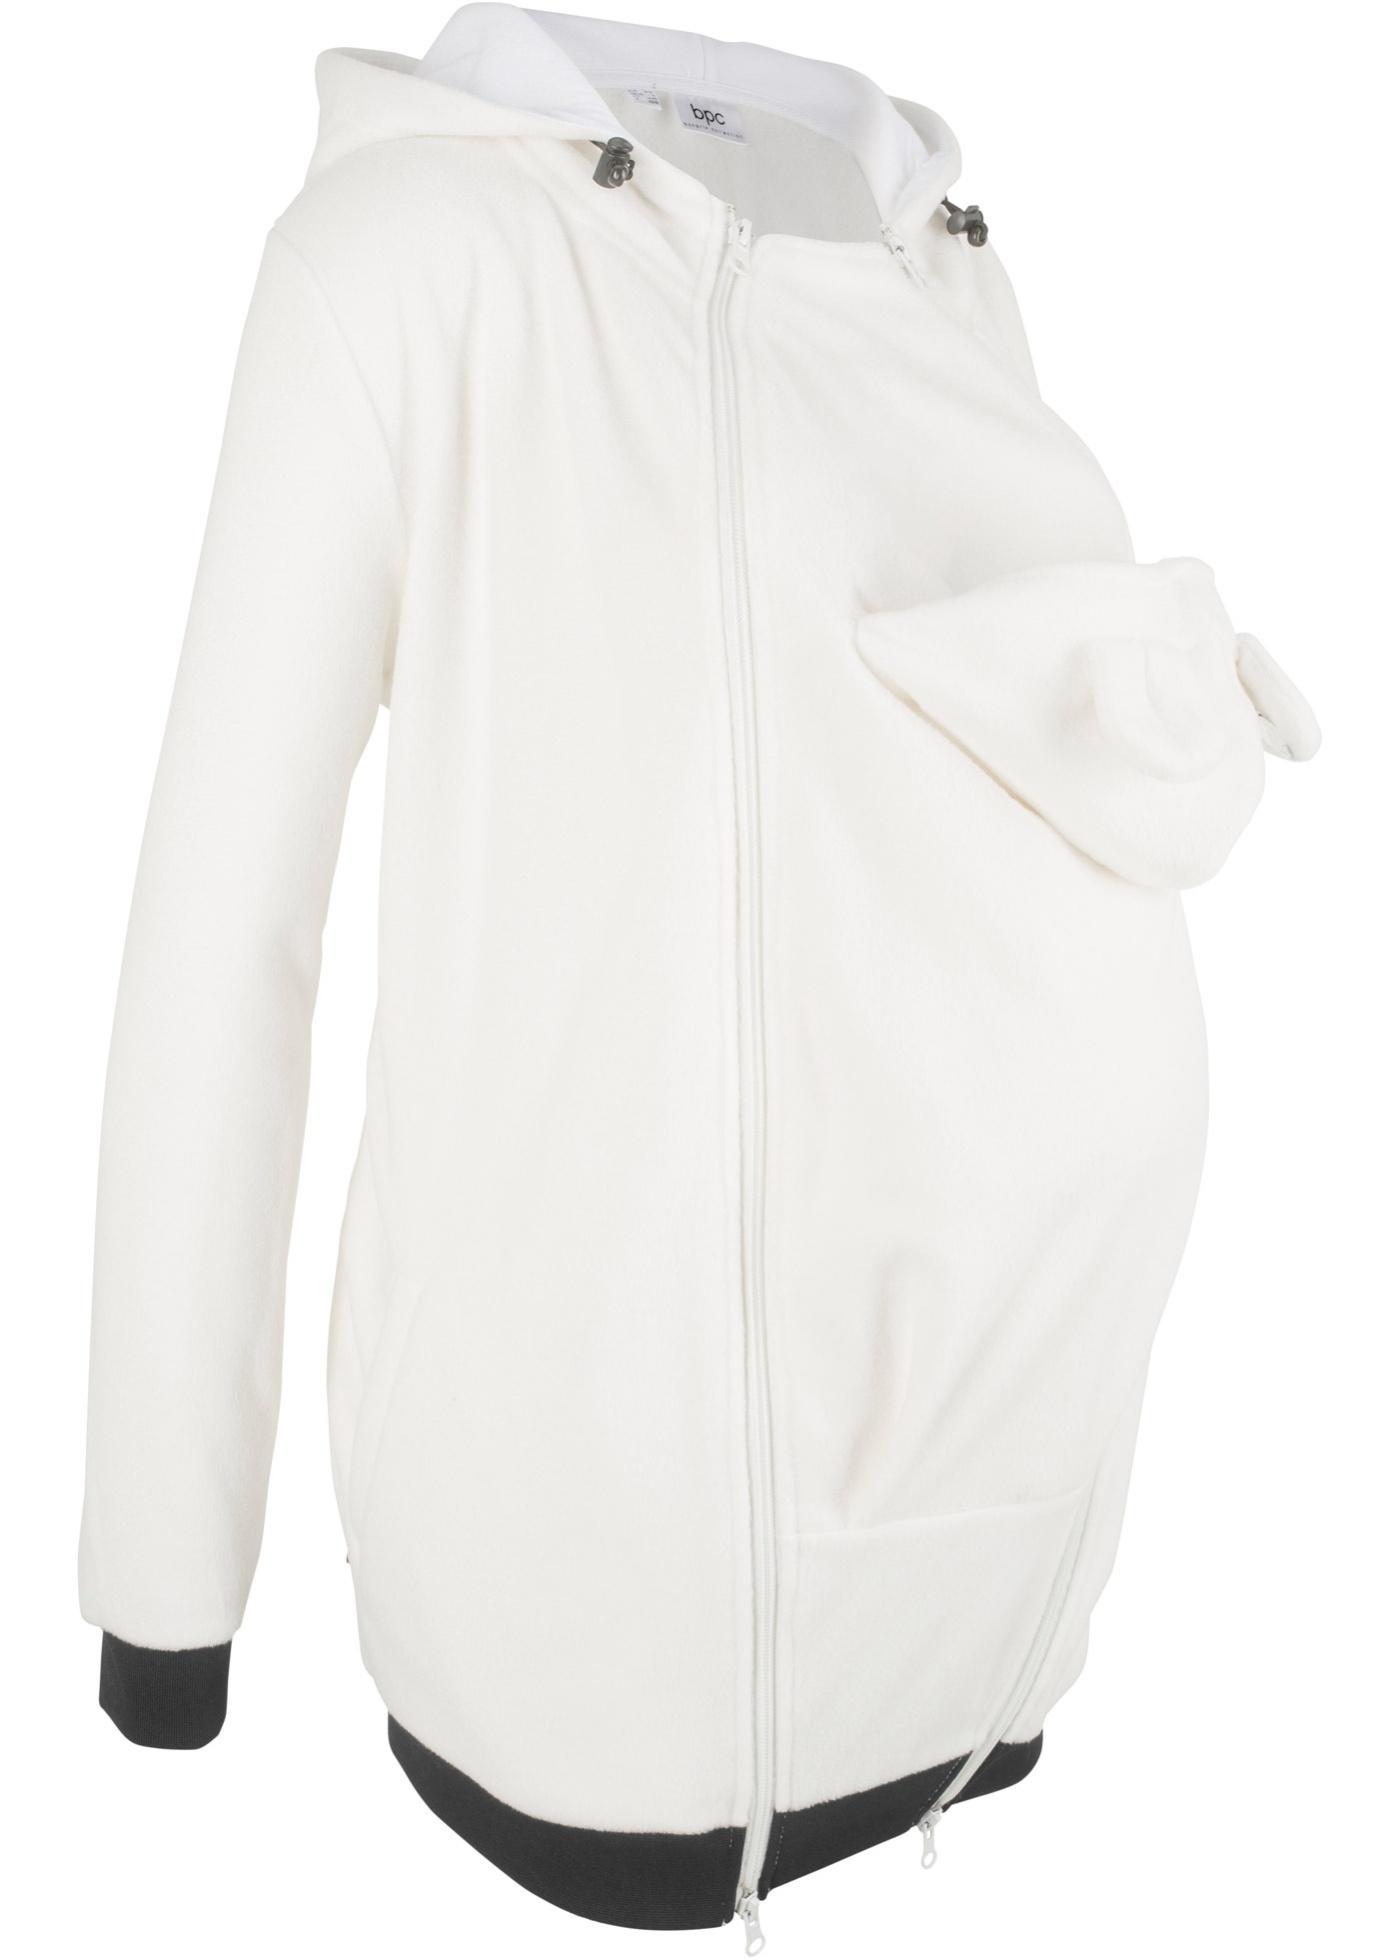 Těhotenská flísová bunda s baby vsadkou, pro těhotenství i po něm - Bílá